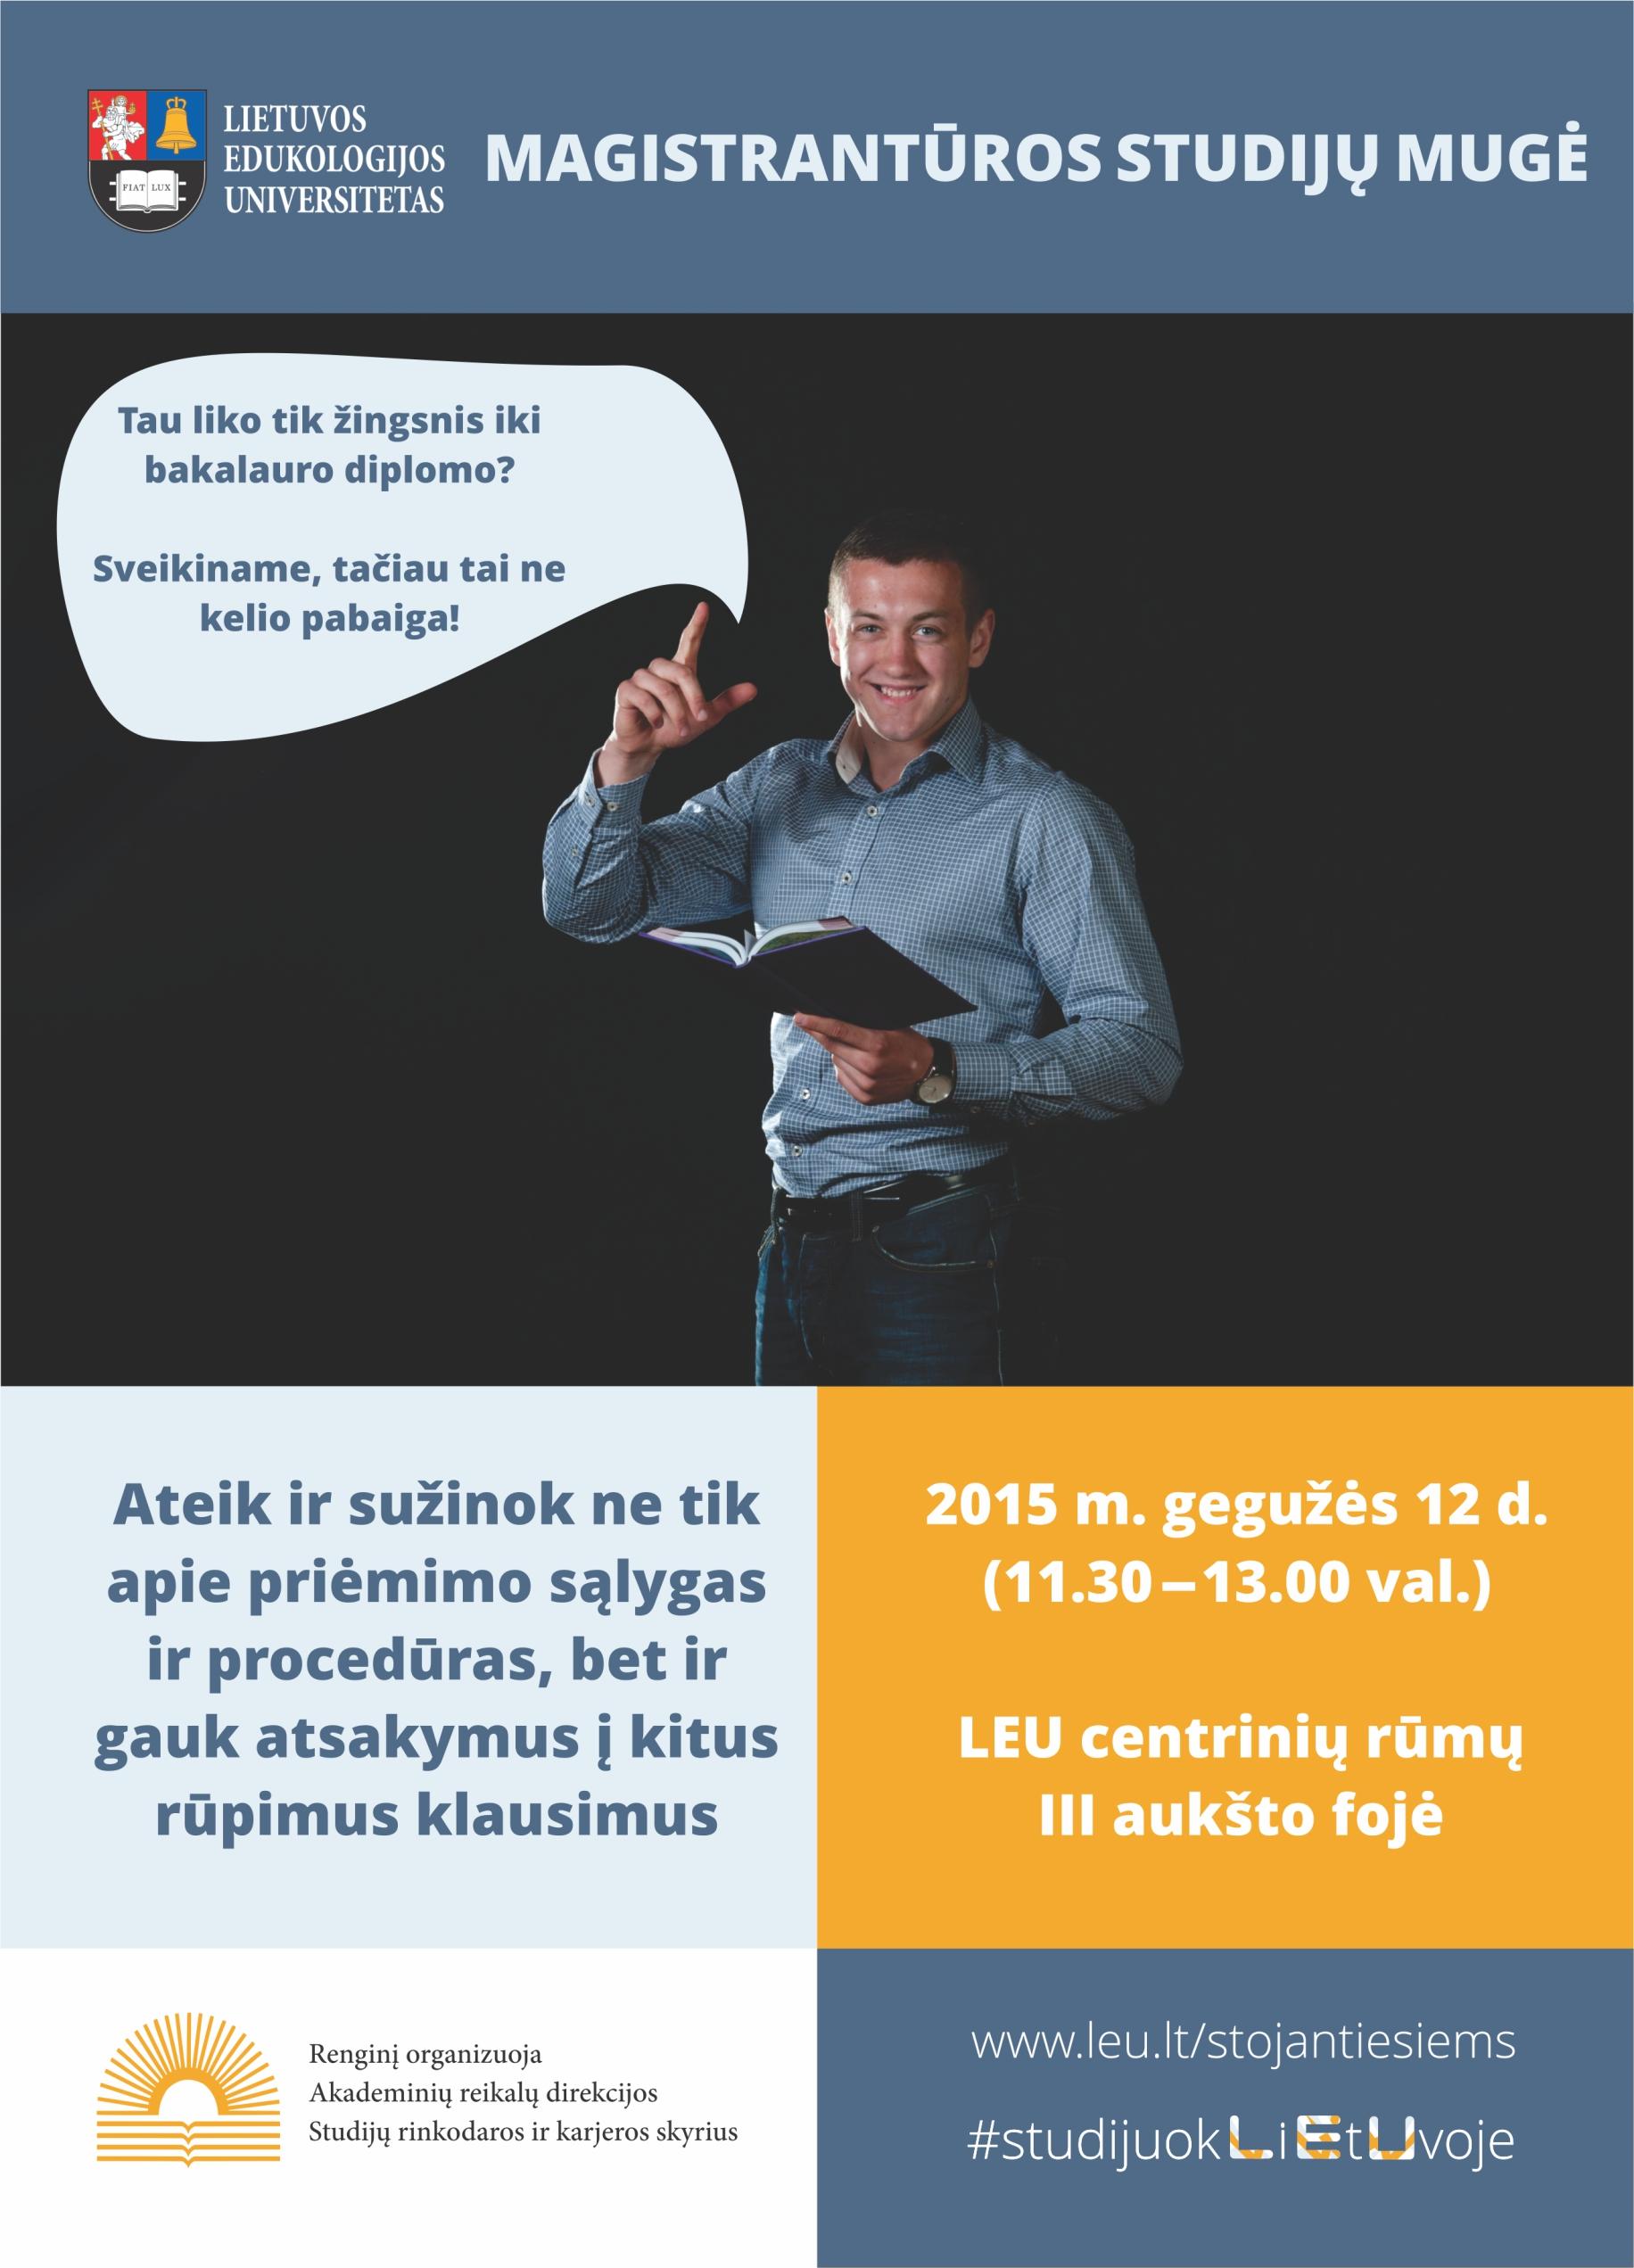 Magistraturos diena plakatas internetui